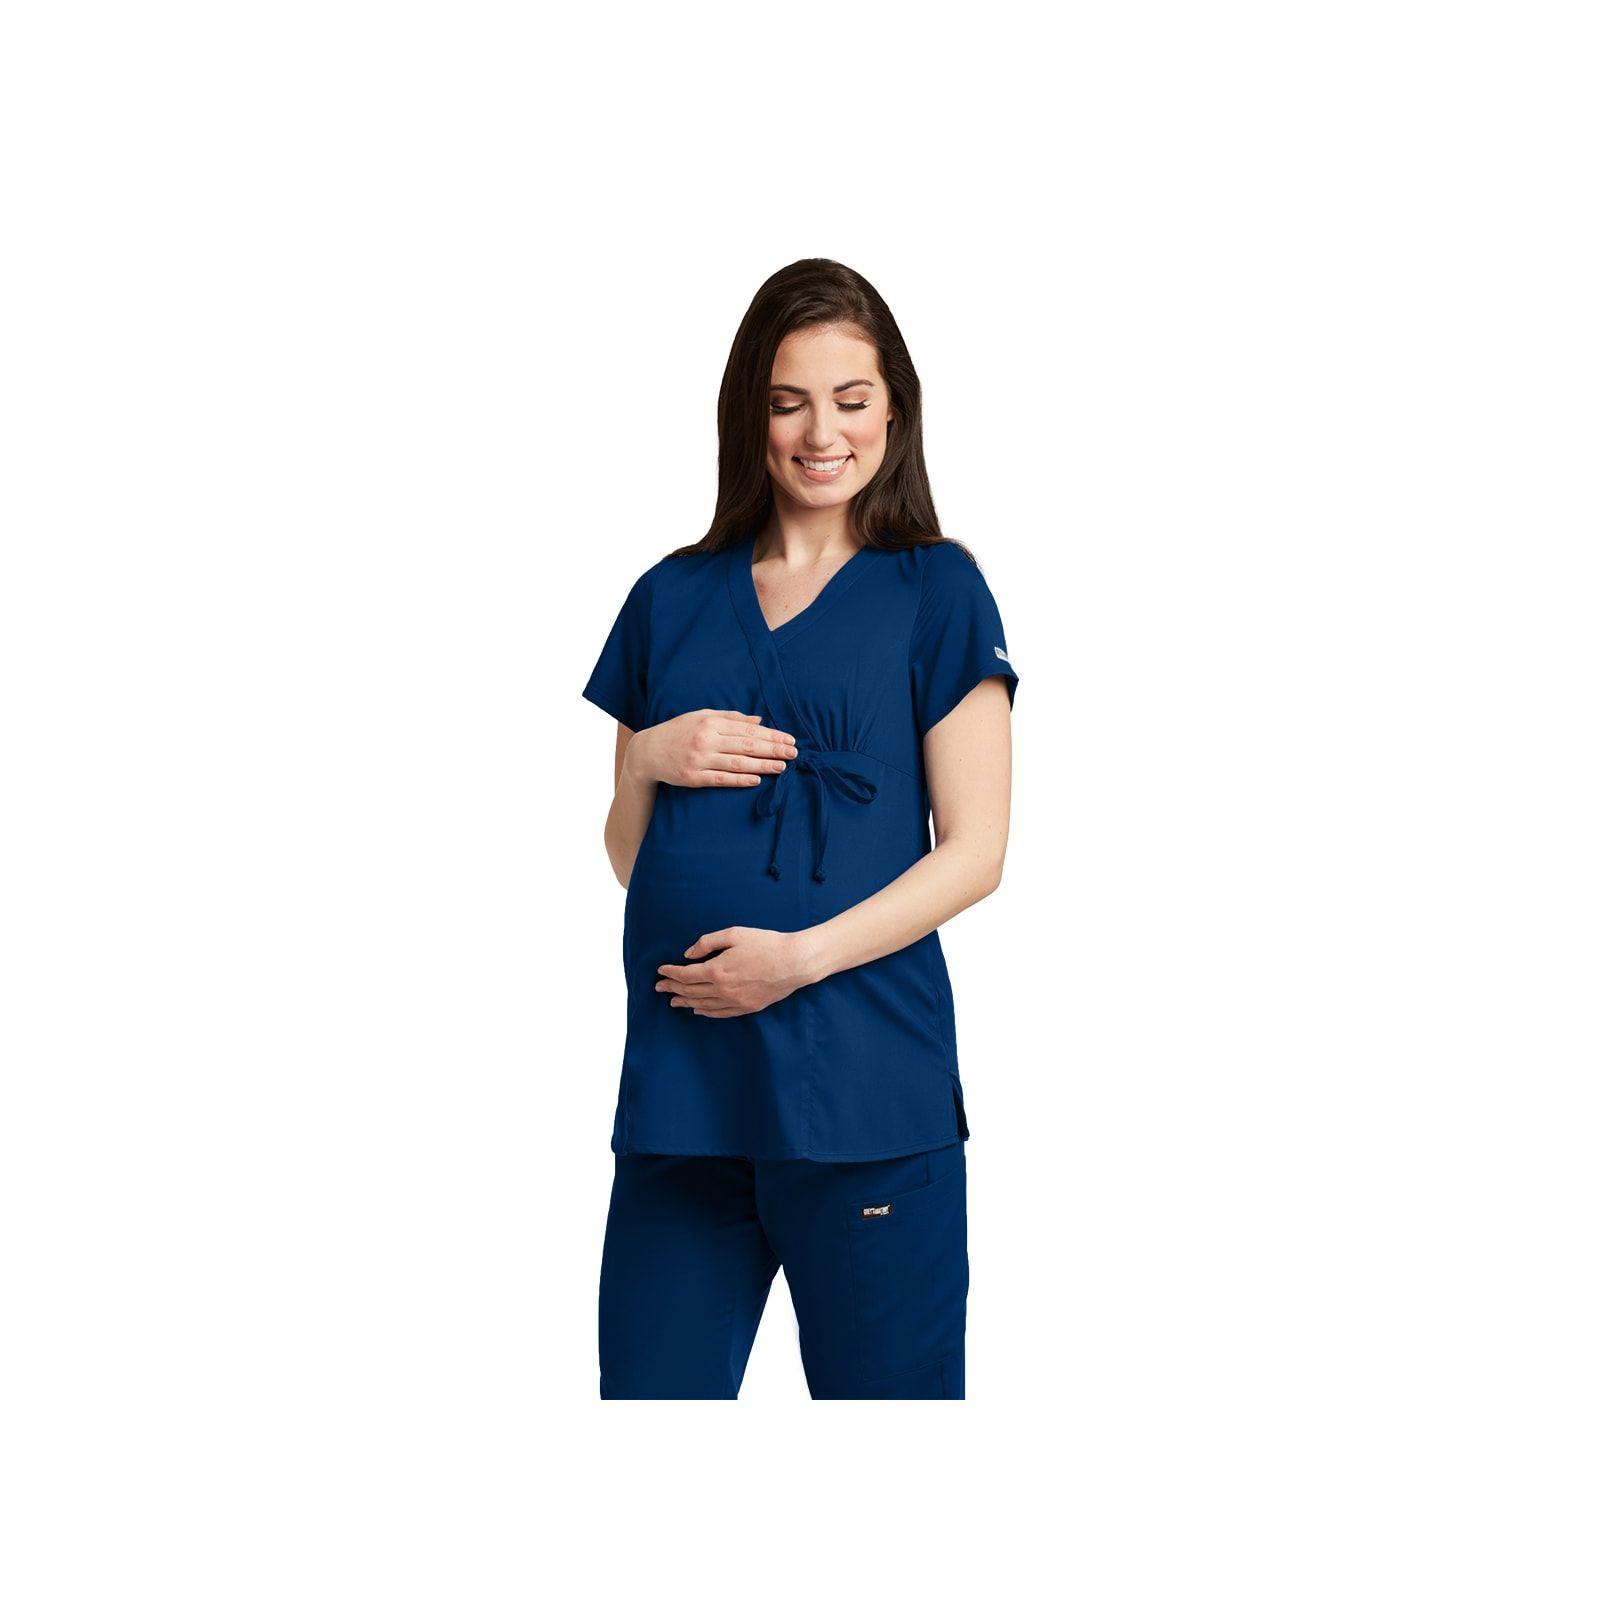 """Blouse médicale femme, couleur bleu marine, vue de face, collection """"Grey's Anatomy Classic"""" (6103-)"""